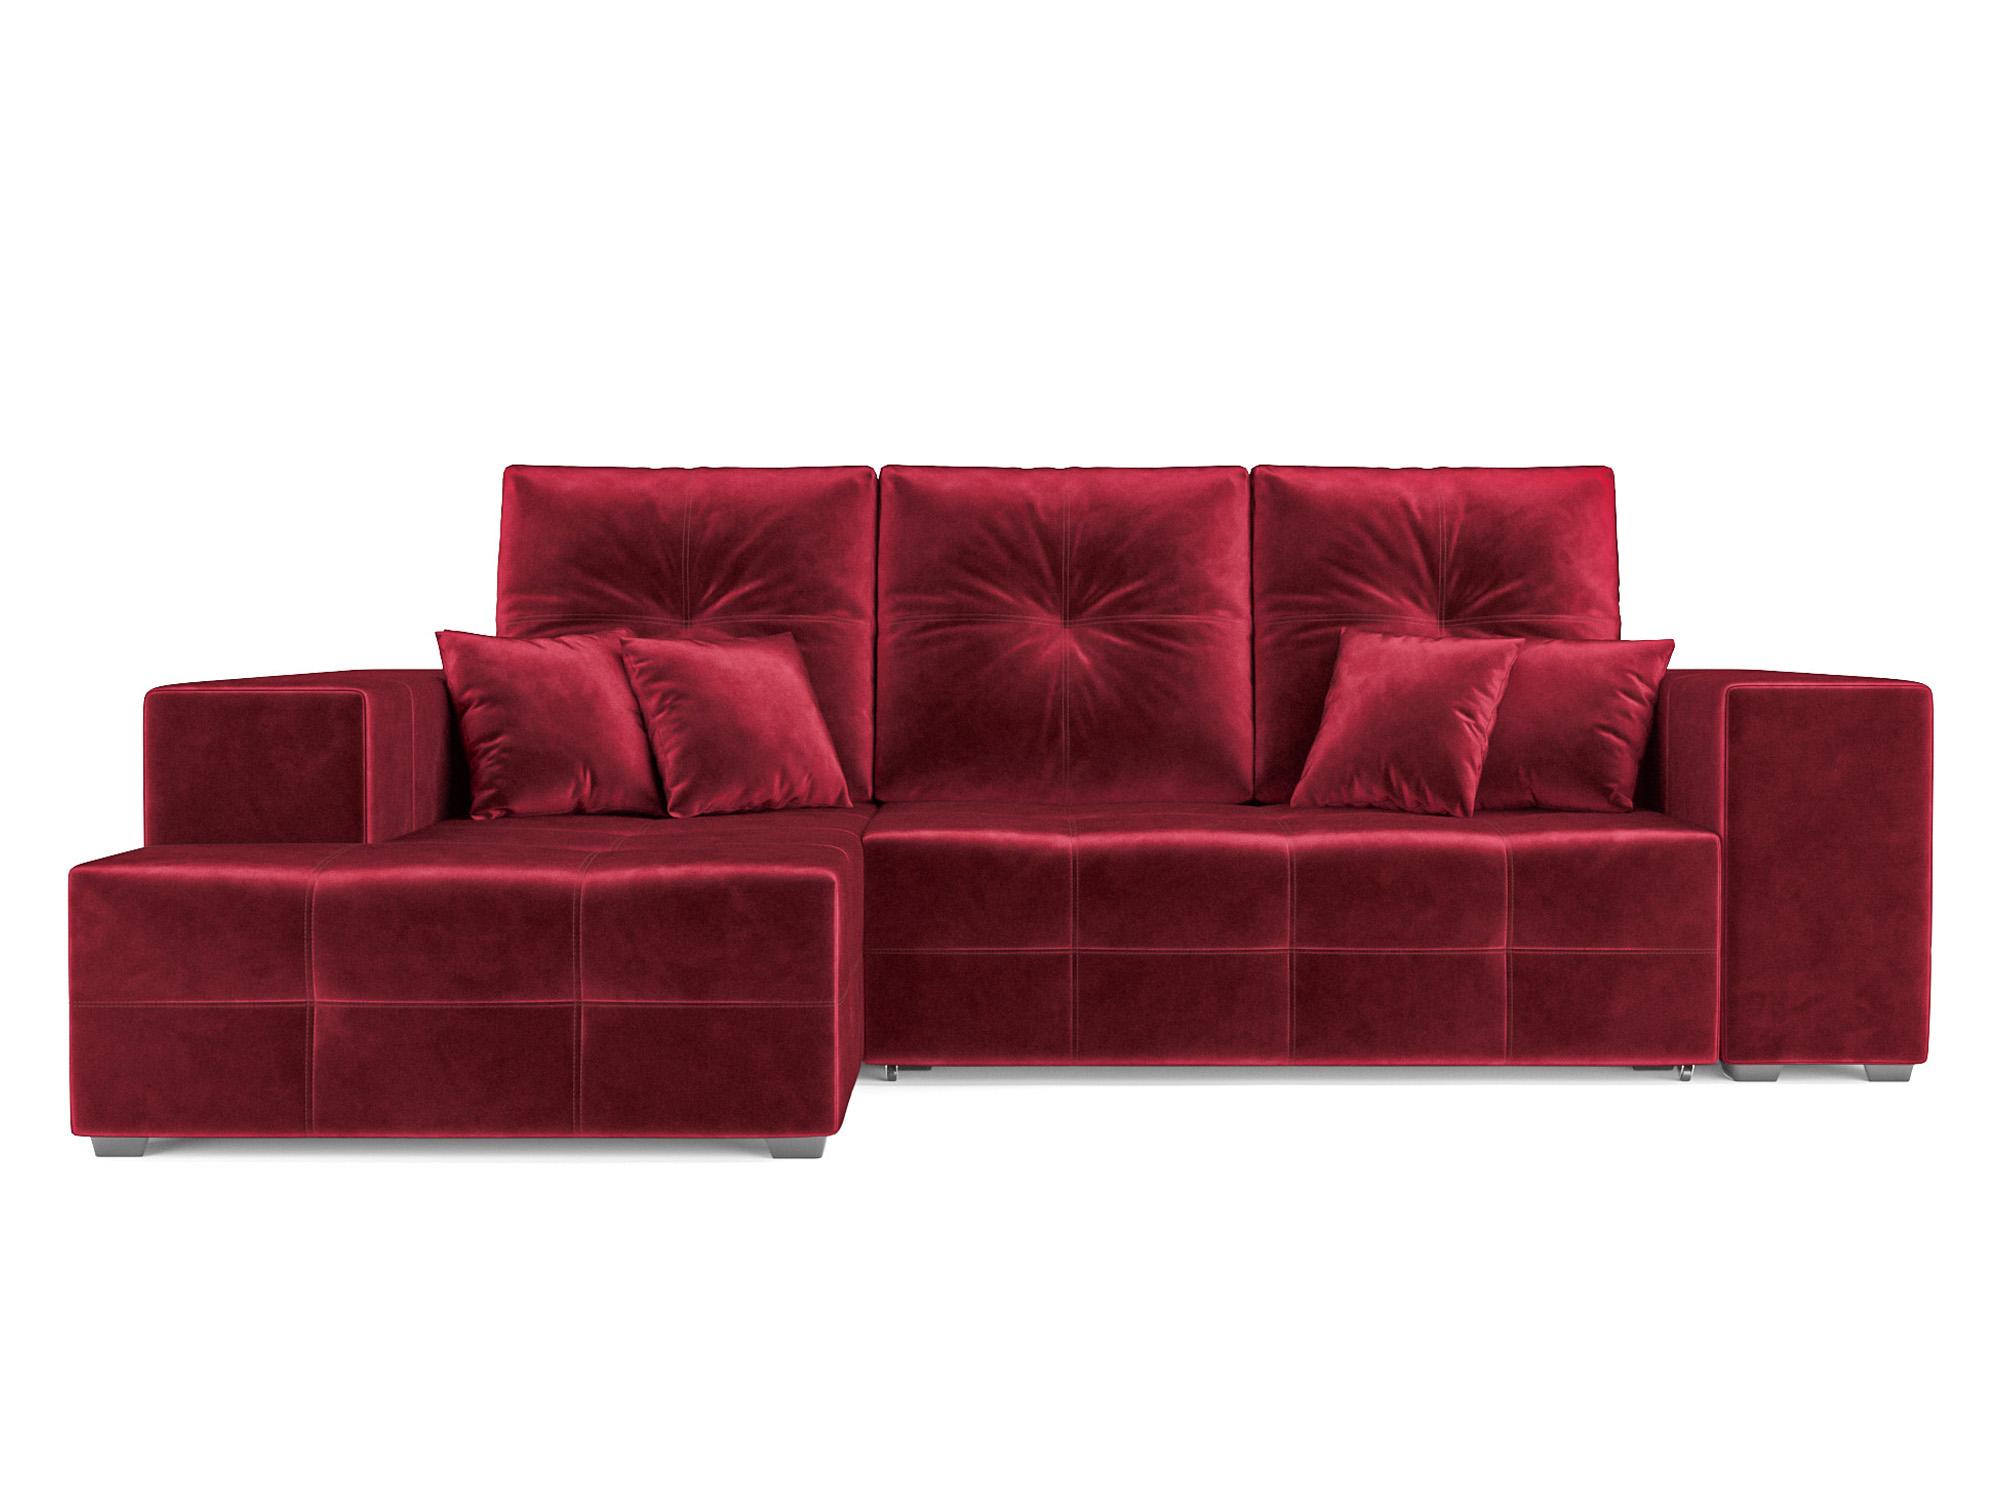 Угловой диван Монреаль Левый угол MebelVia Красный, Вельвет Красный